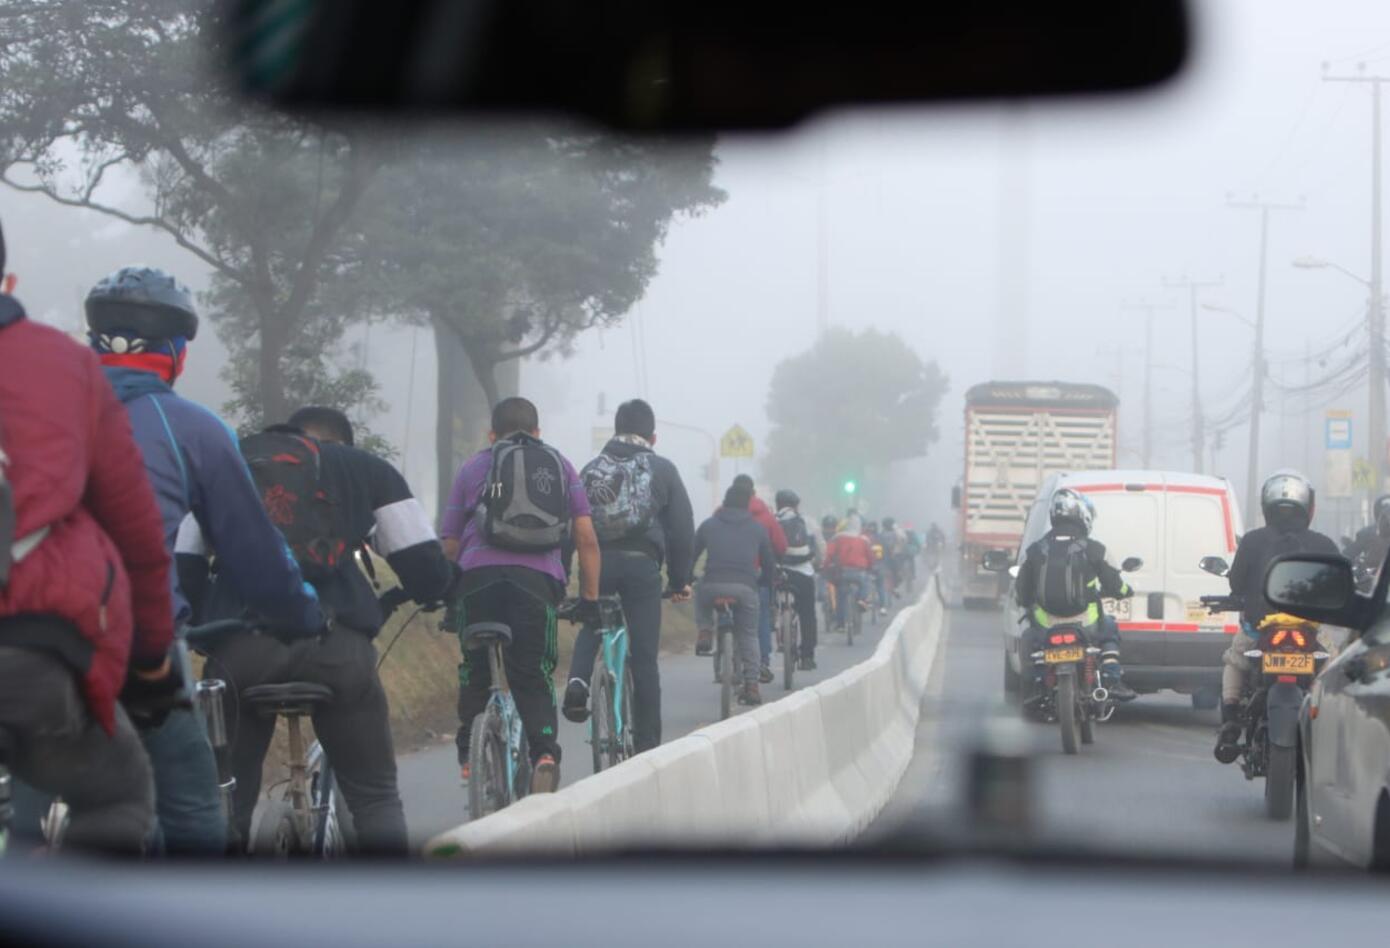 Inicia protesta por parte de conductores contra ciclorruta de Calle 13